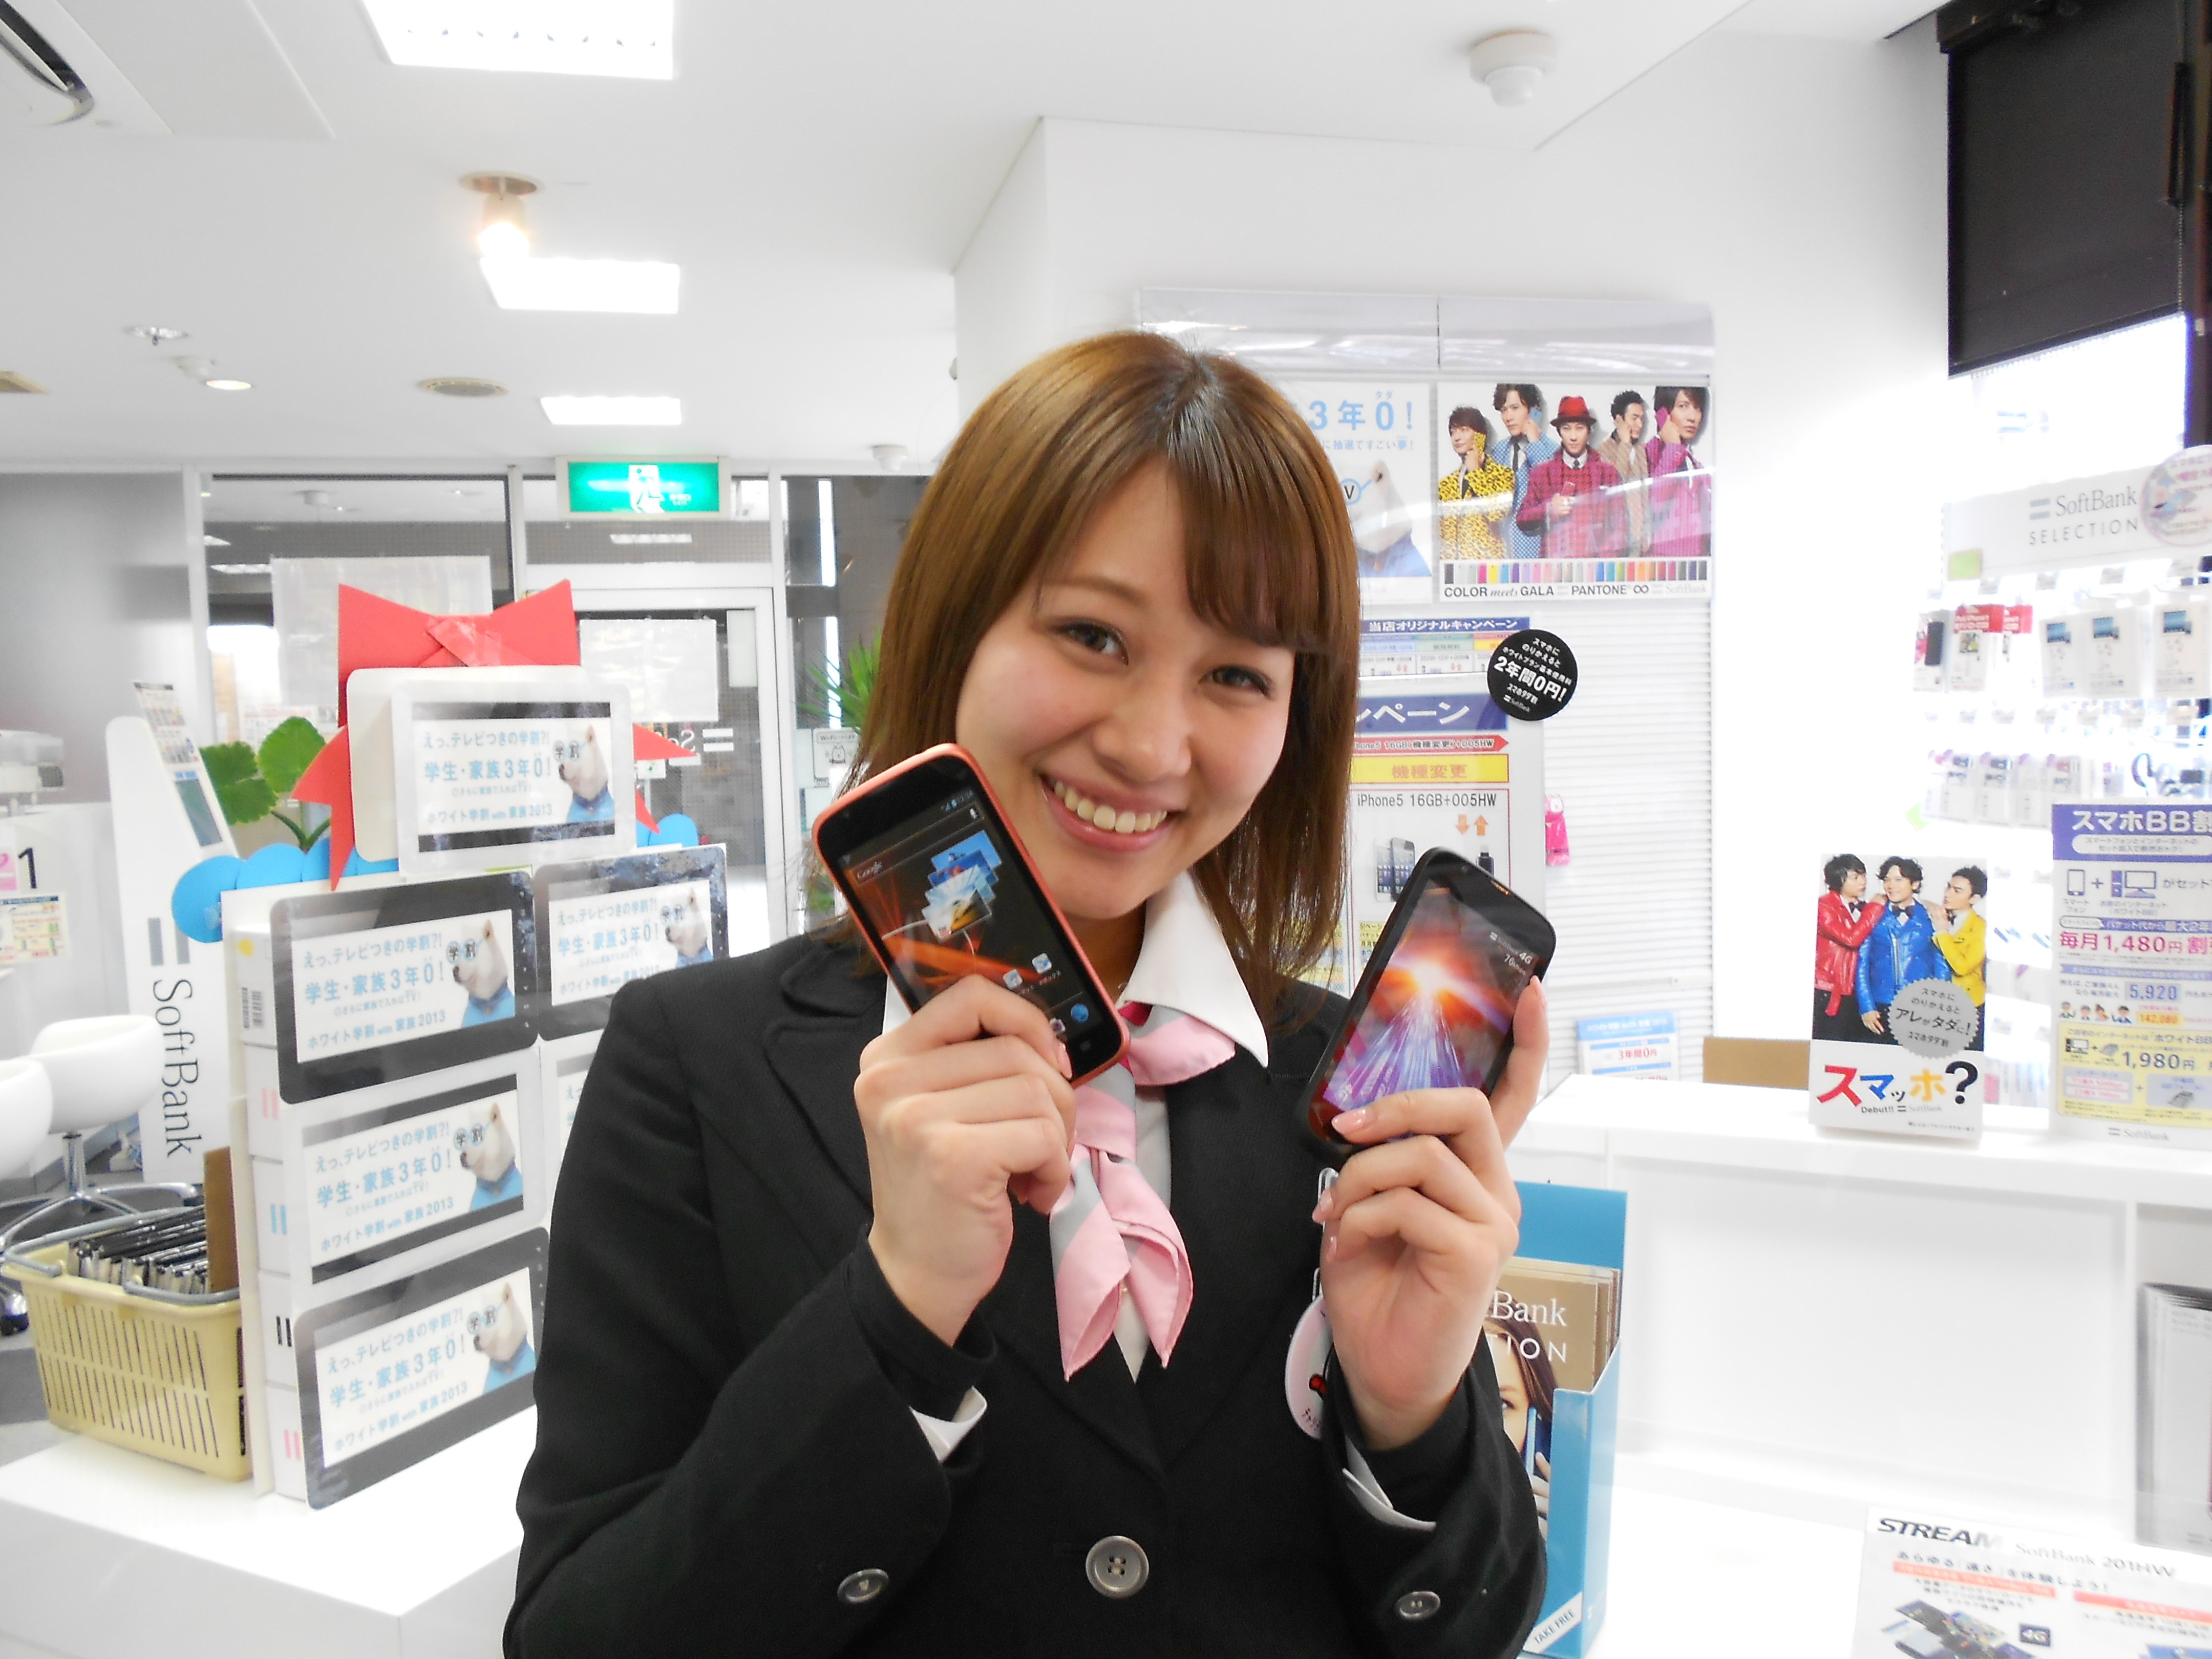 ソフトバンク 袖ヶ浦(株式会社シエロ)のアルバイト情報